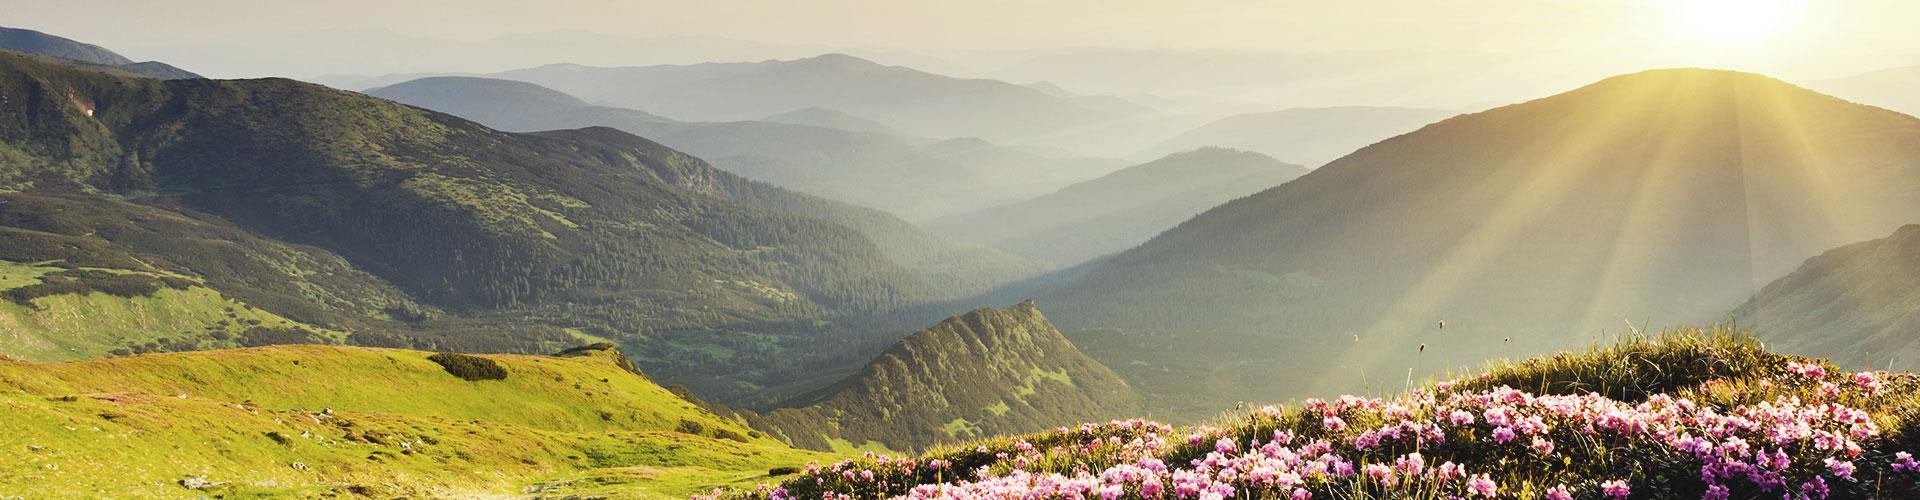 Die Sonne steht tief über einem Bergmassiv, im Vordergrund eine Wiese